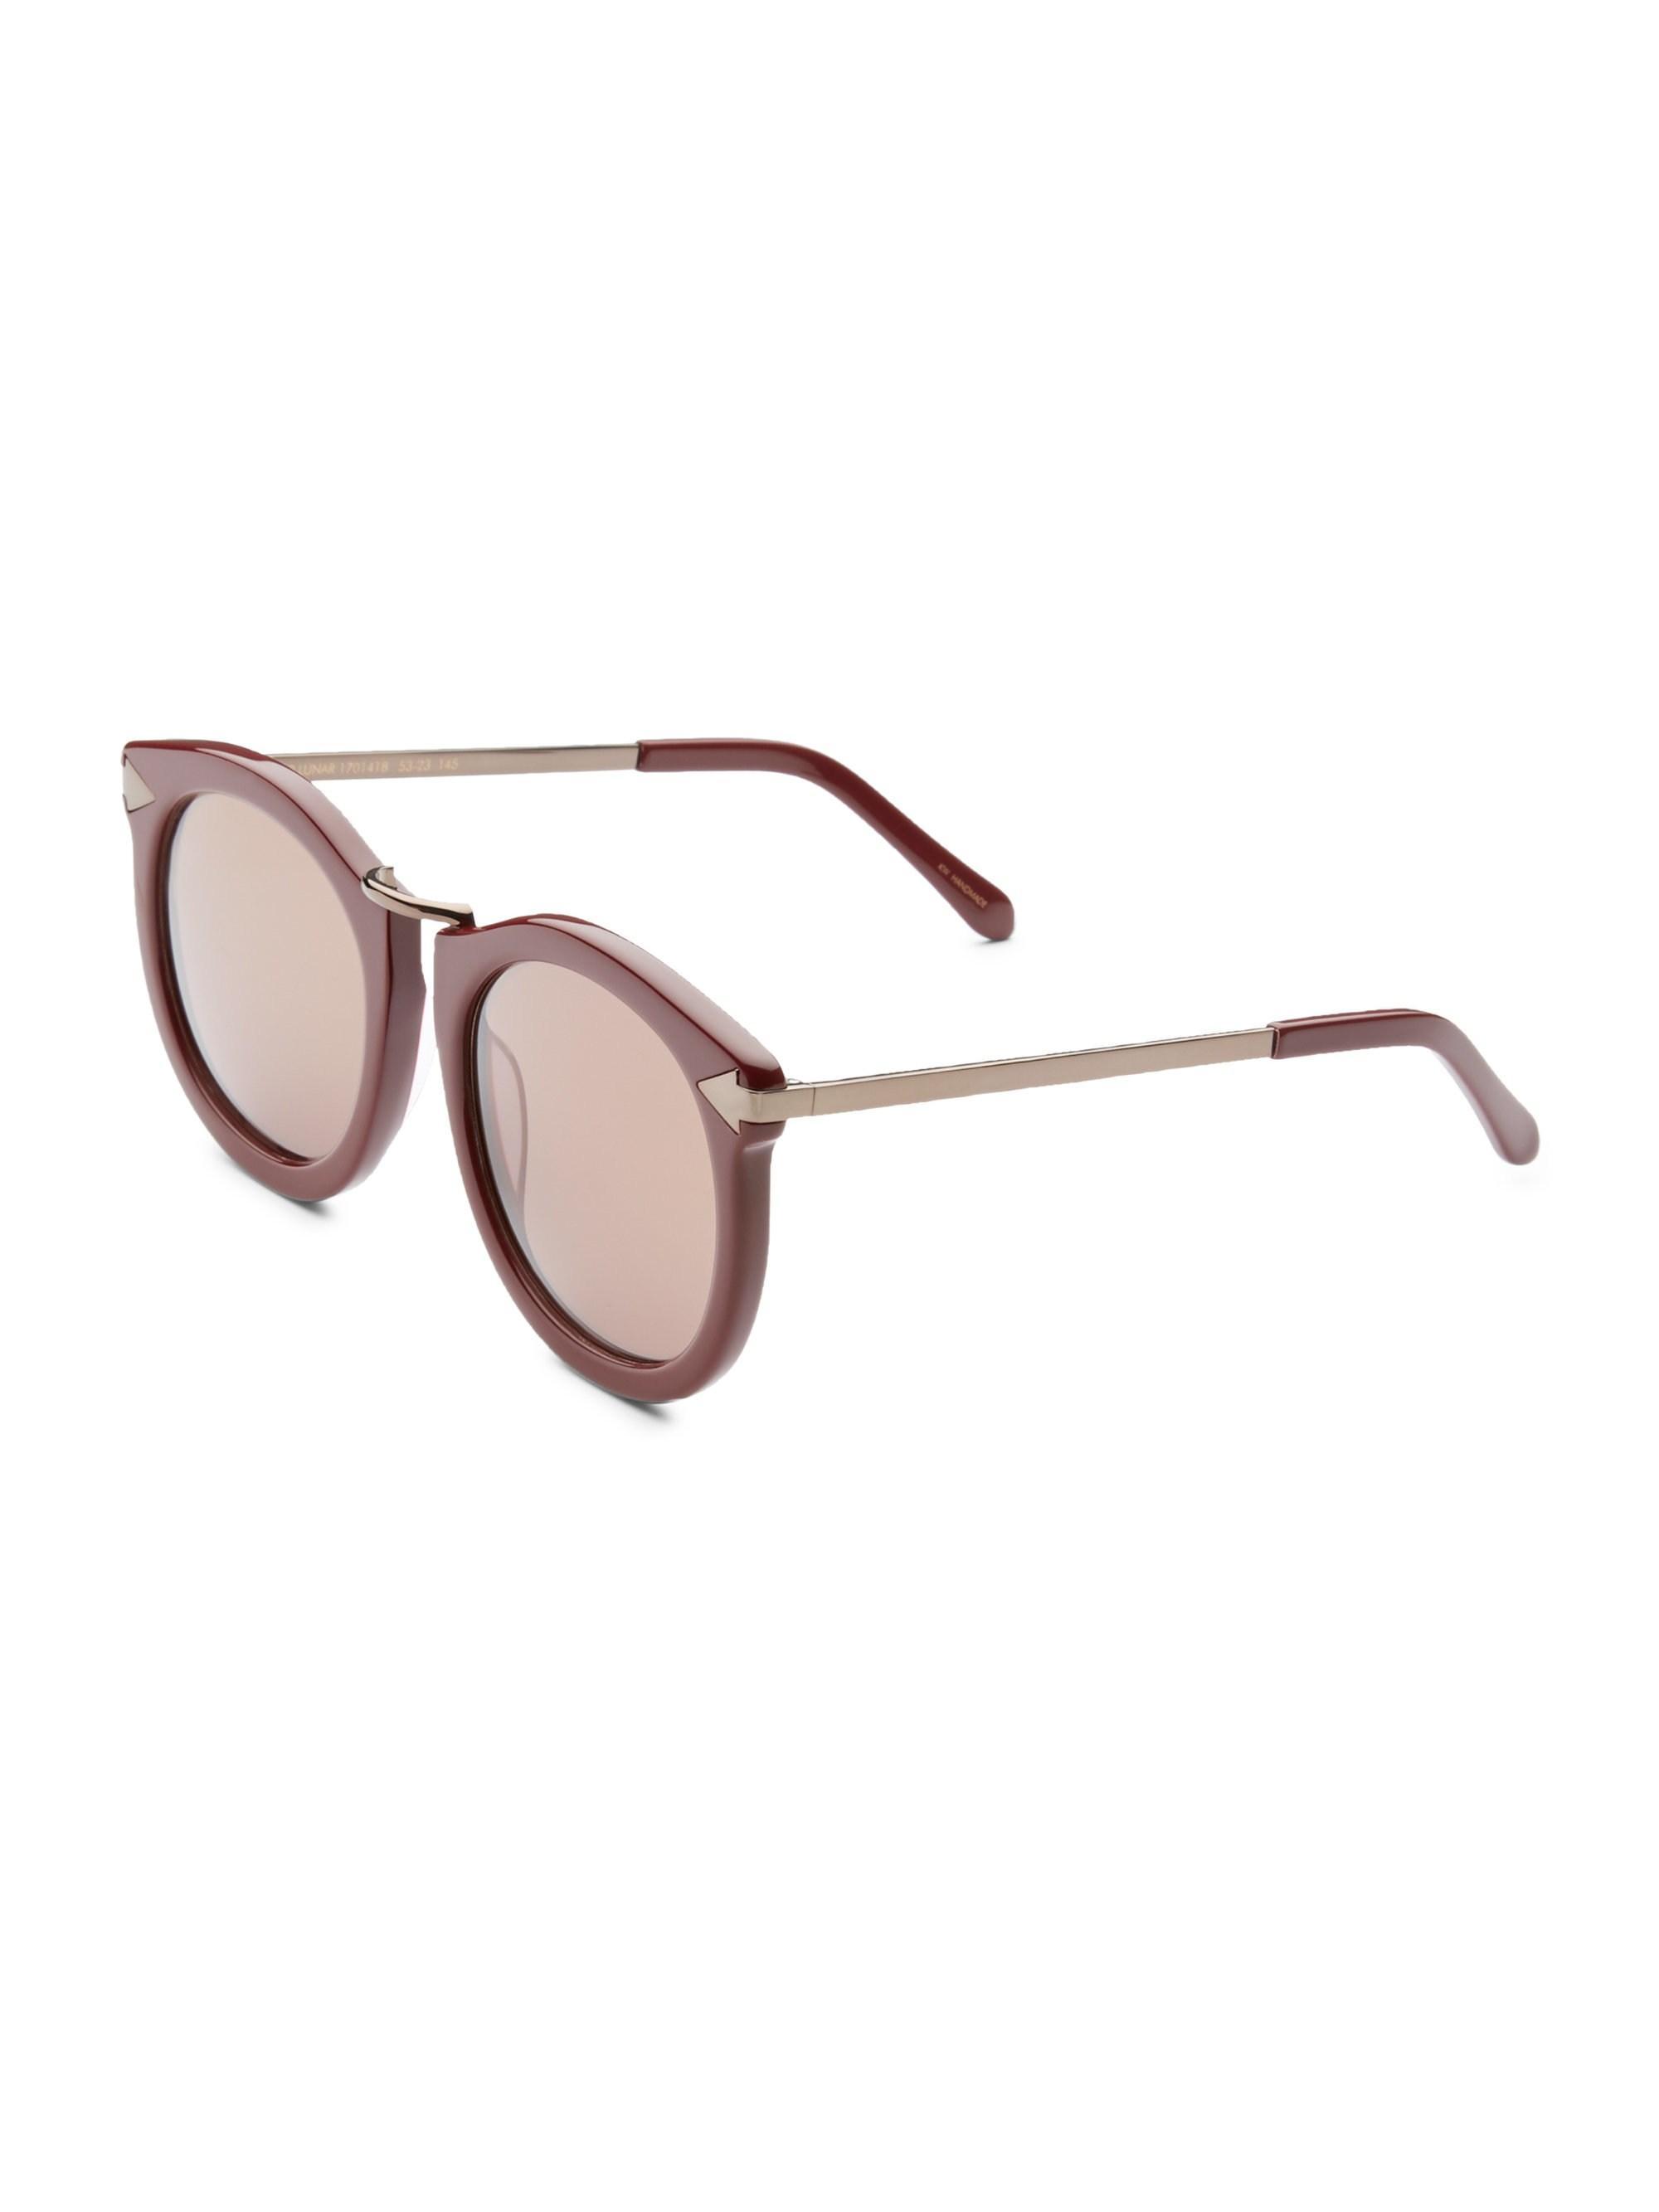 6ea32f98beec Lyst - Karen Walker Women s Super Luna 53mm Round Sunglasses ...